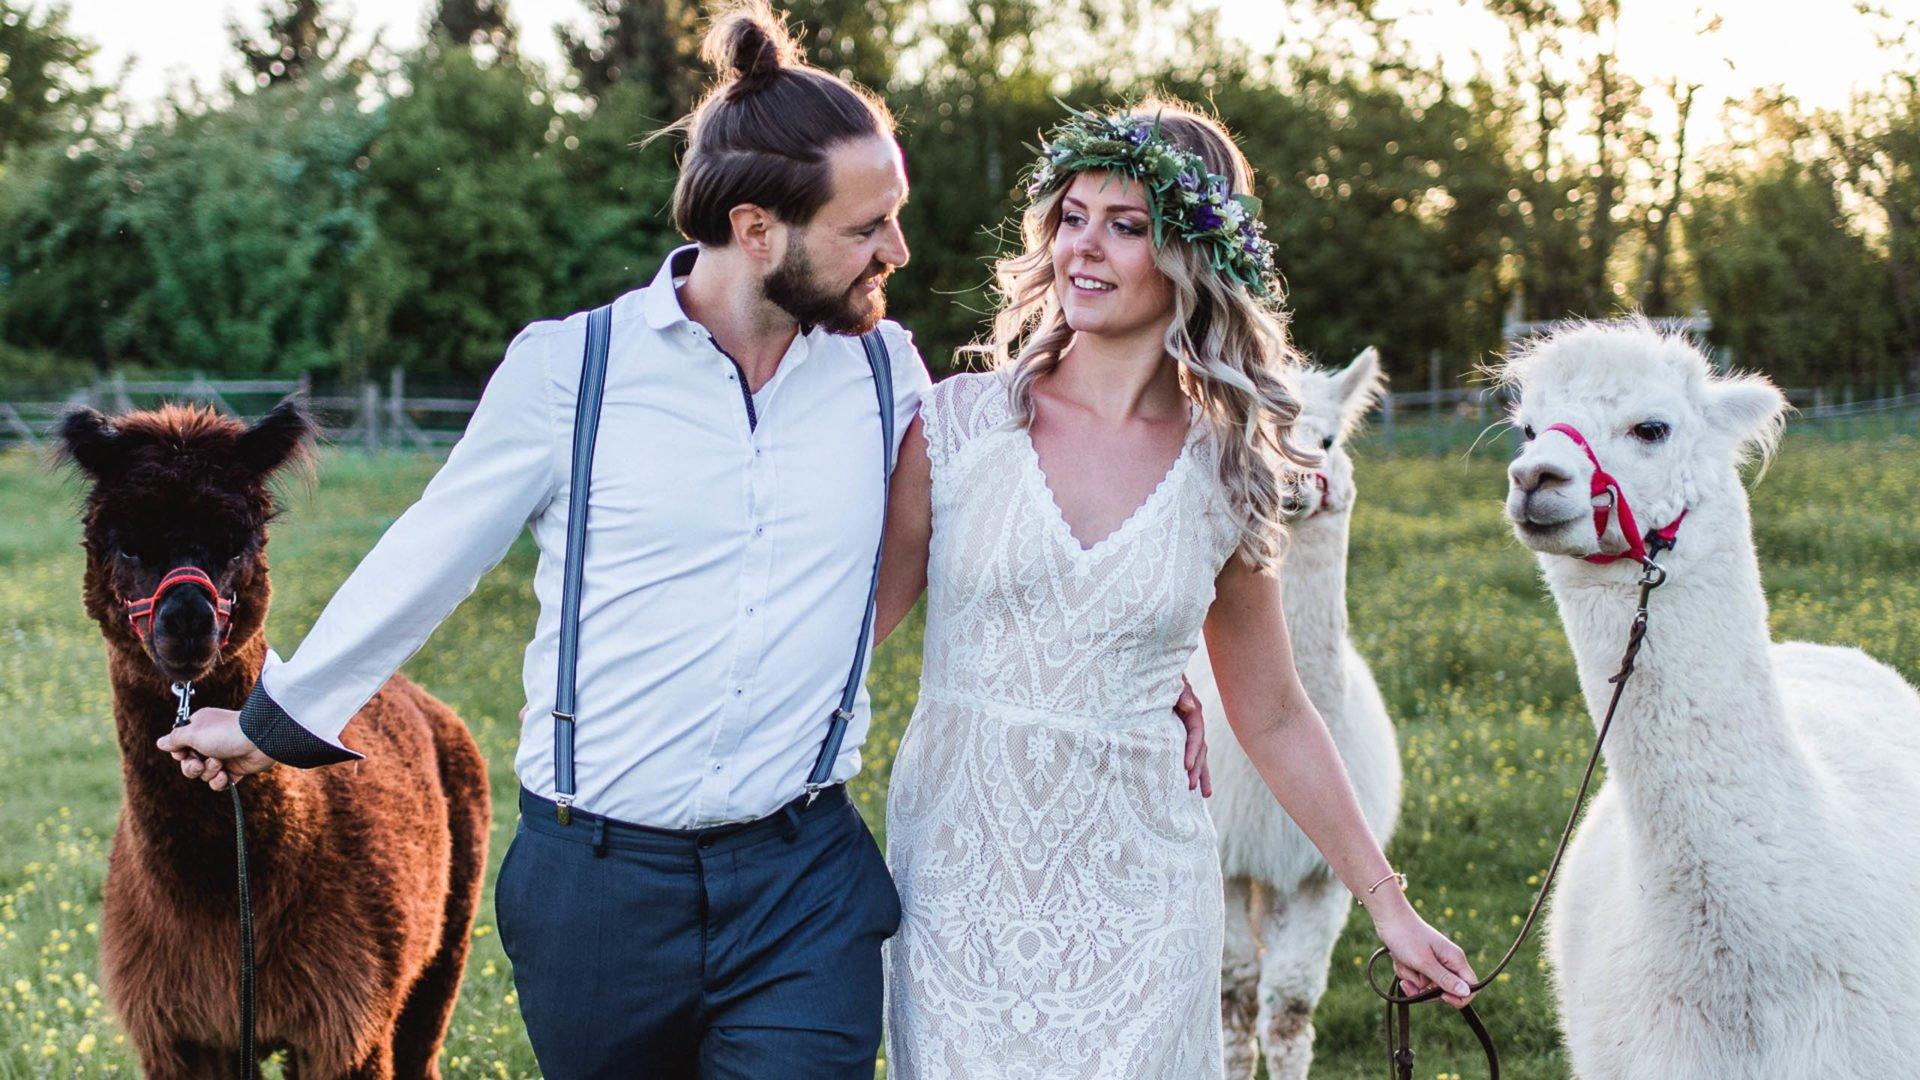 Brautkleid mit Spitze im Paisleymuster und Alpakas zur Hochzeit